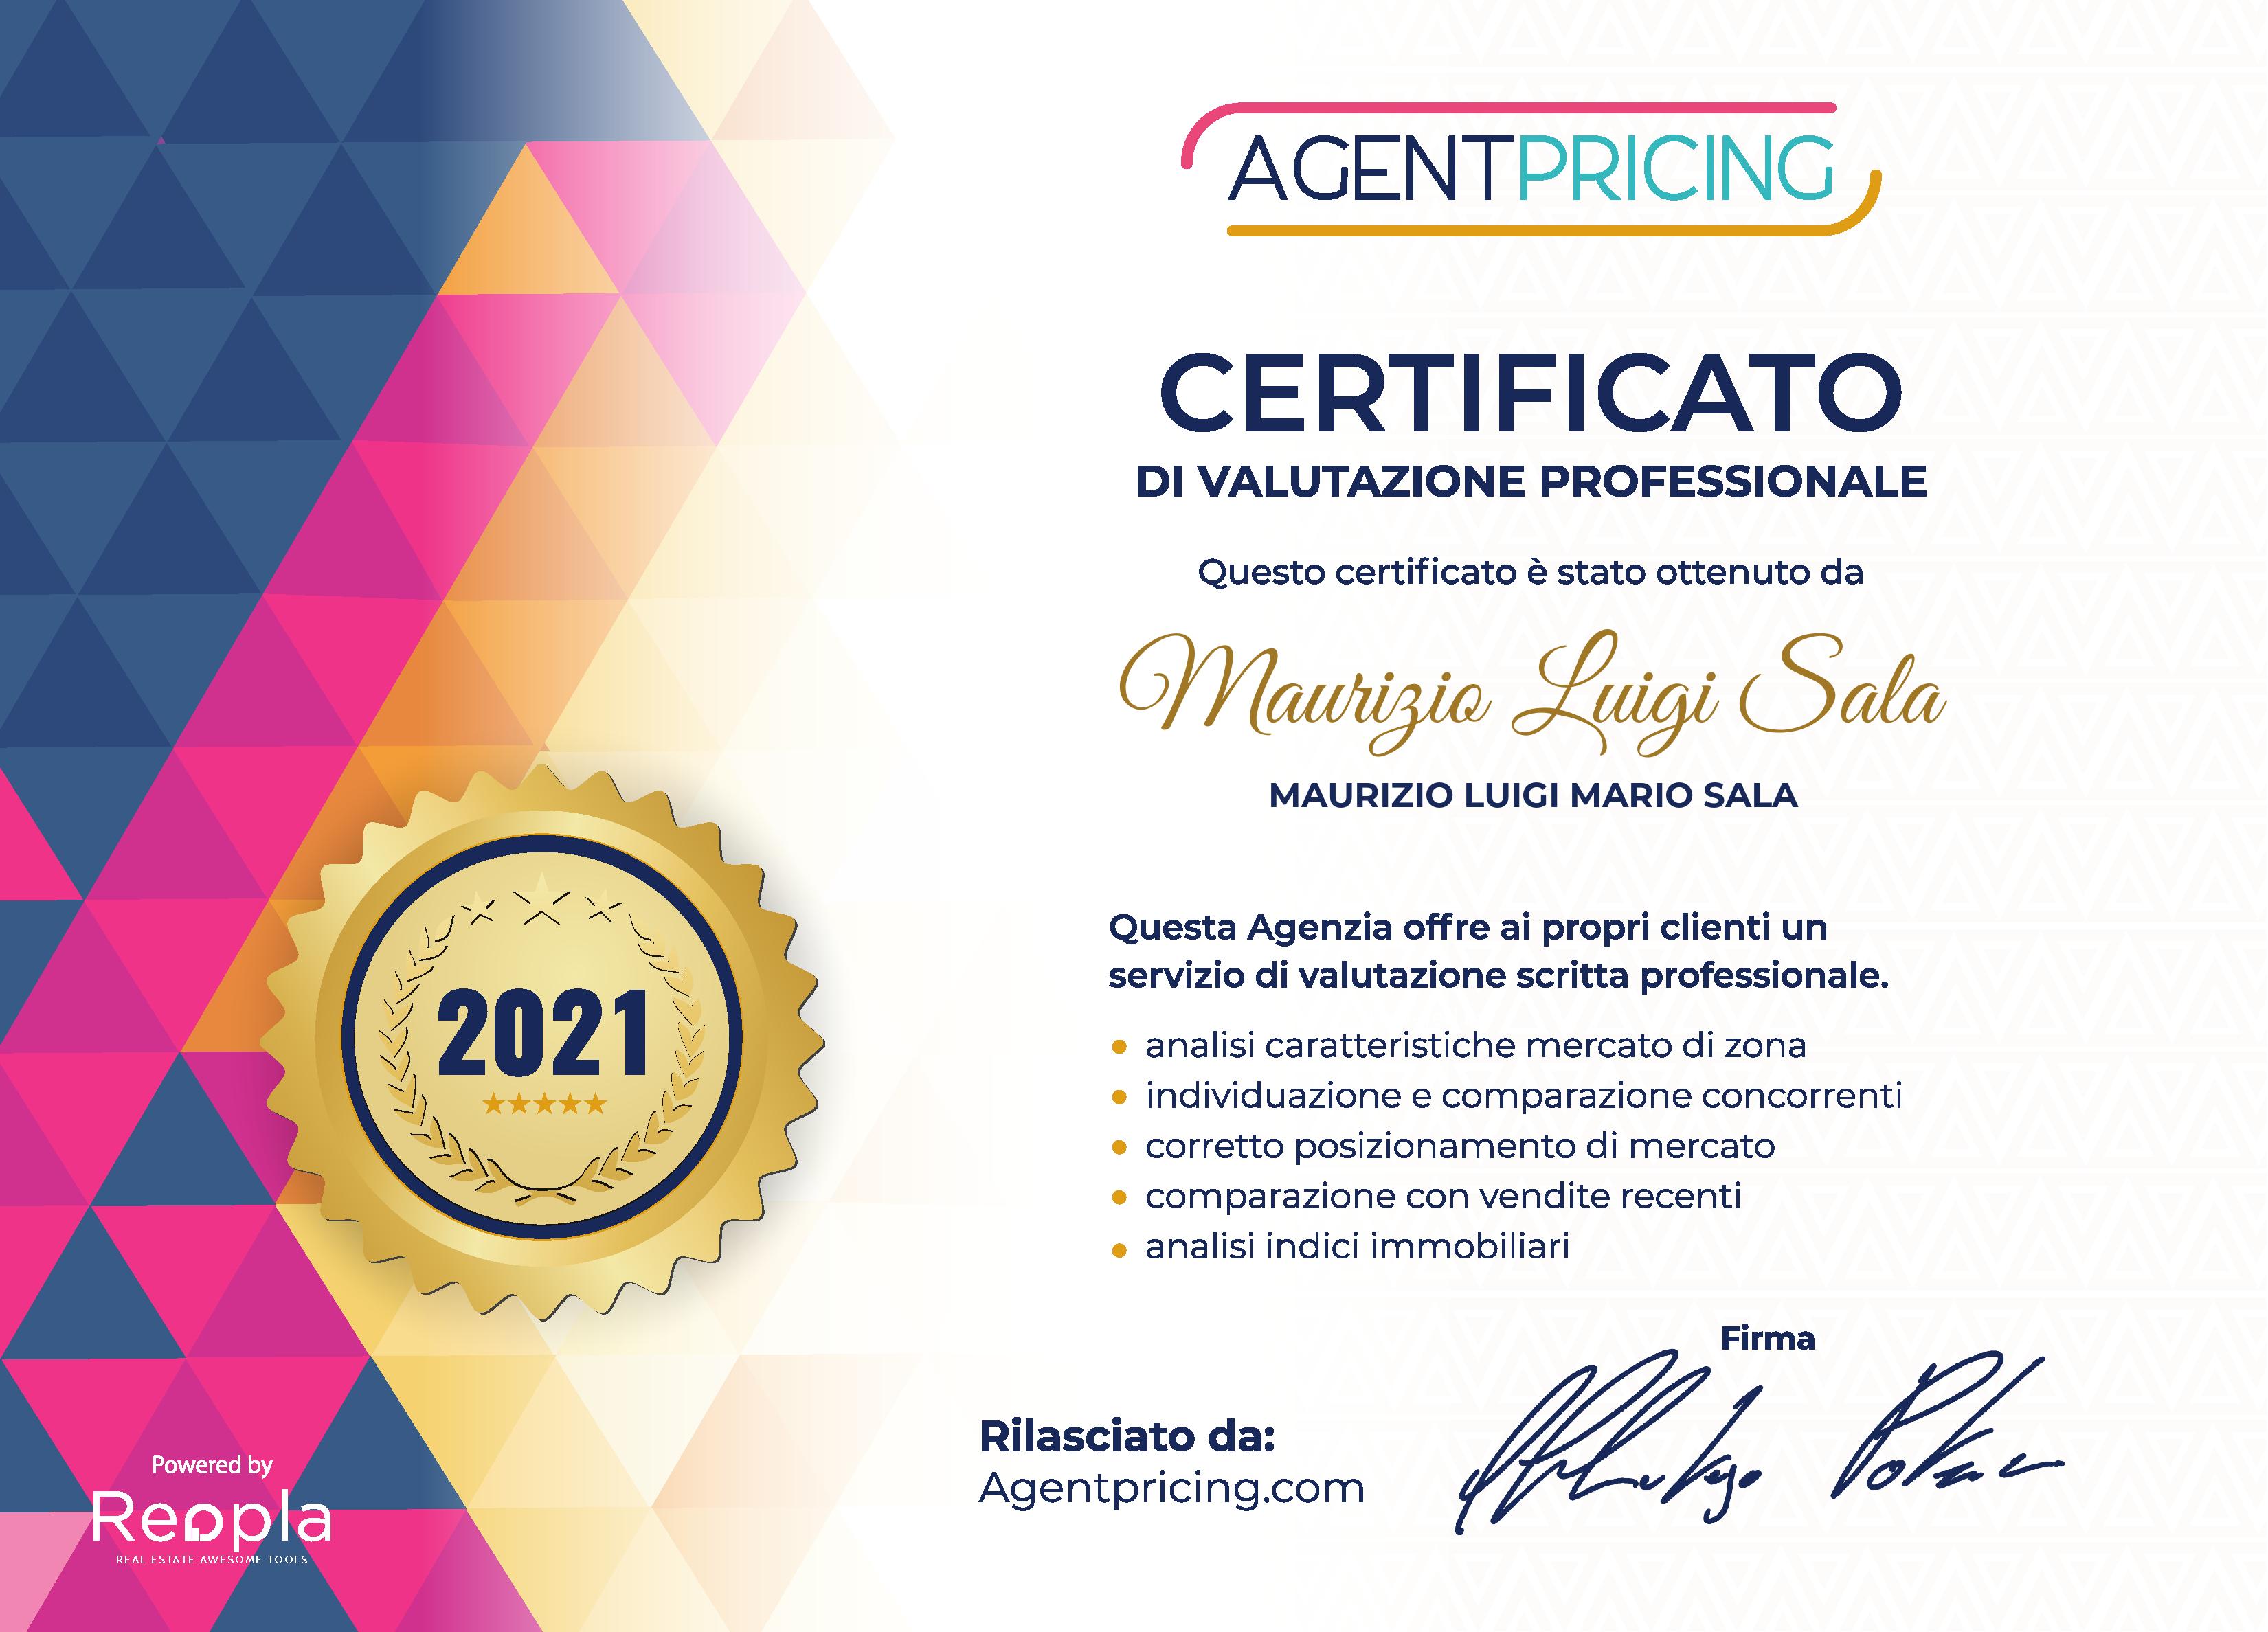 AgentPricing_Certification_JMYE9iAuYPj6nuesrenf (1)